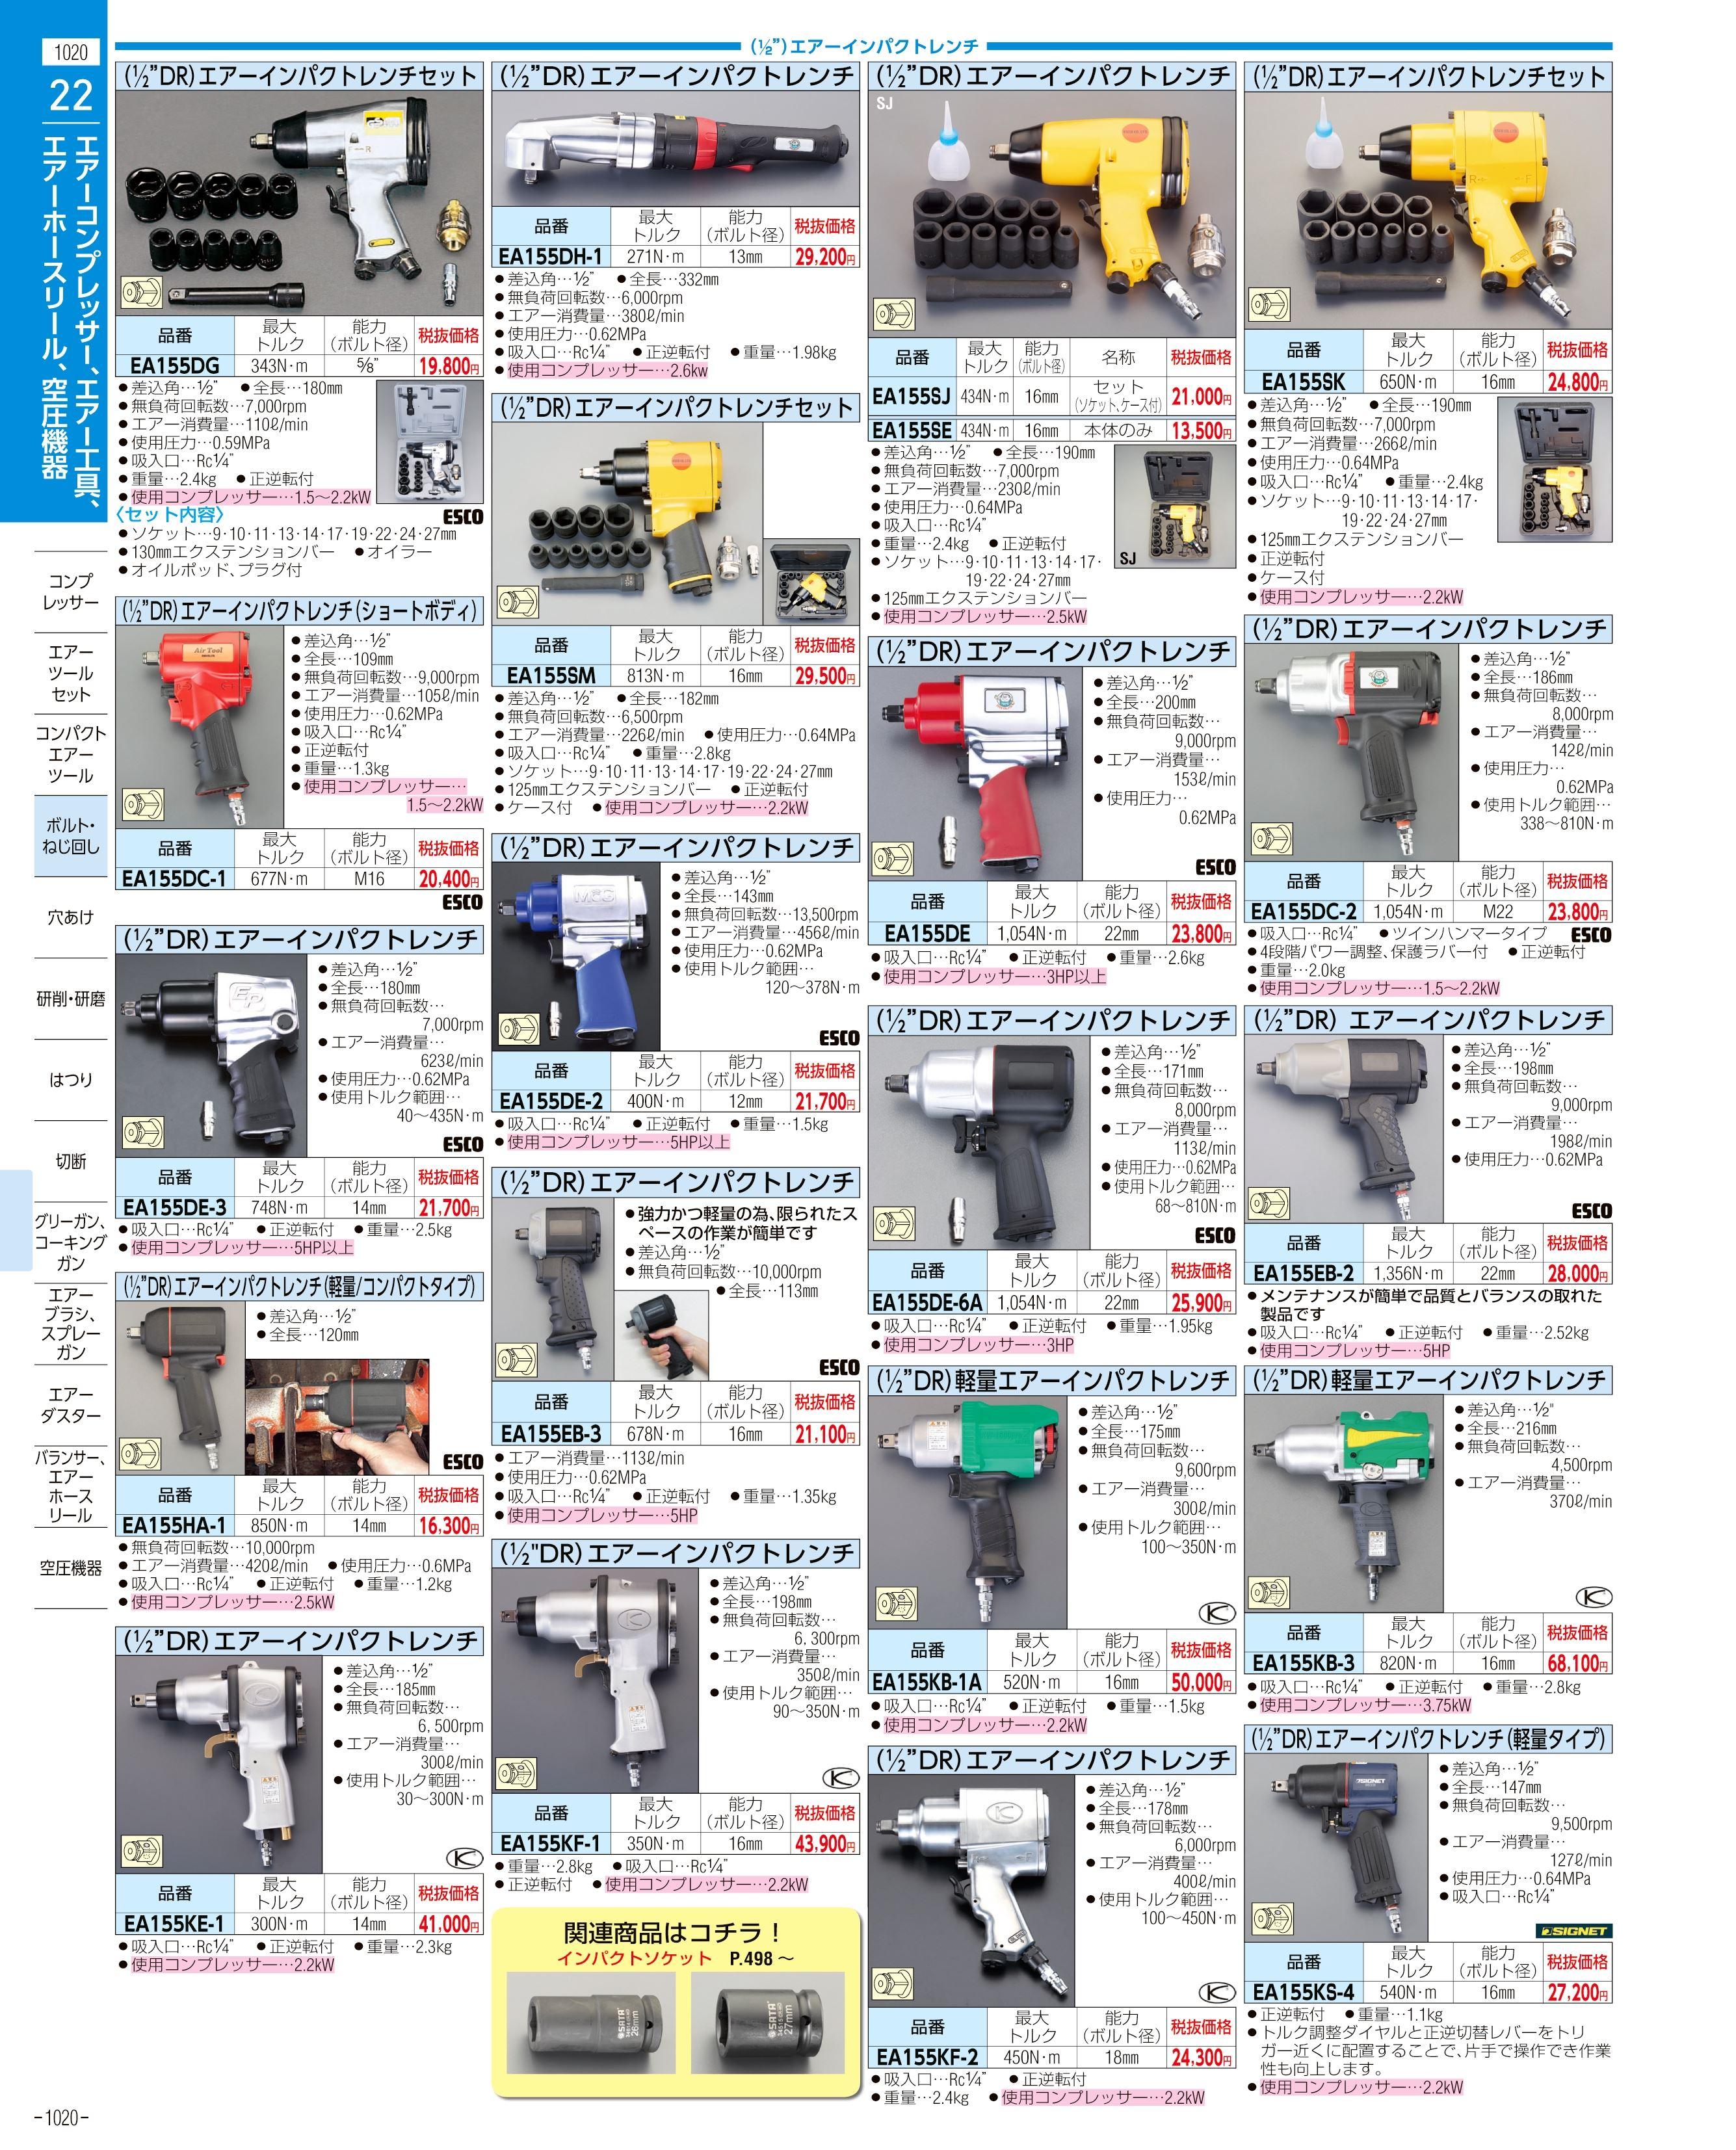 エスコ便利カタログ1020ページ